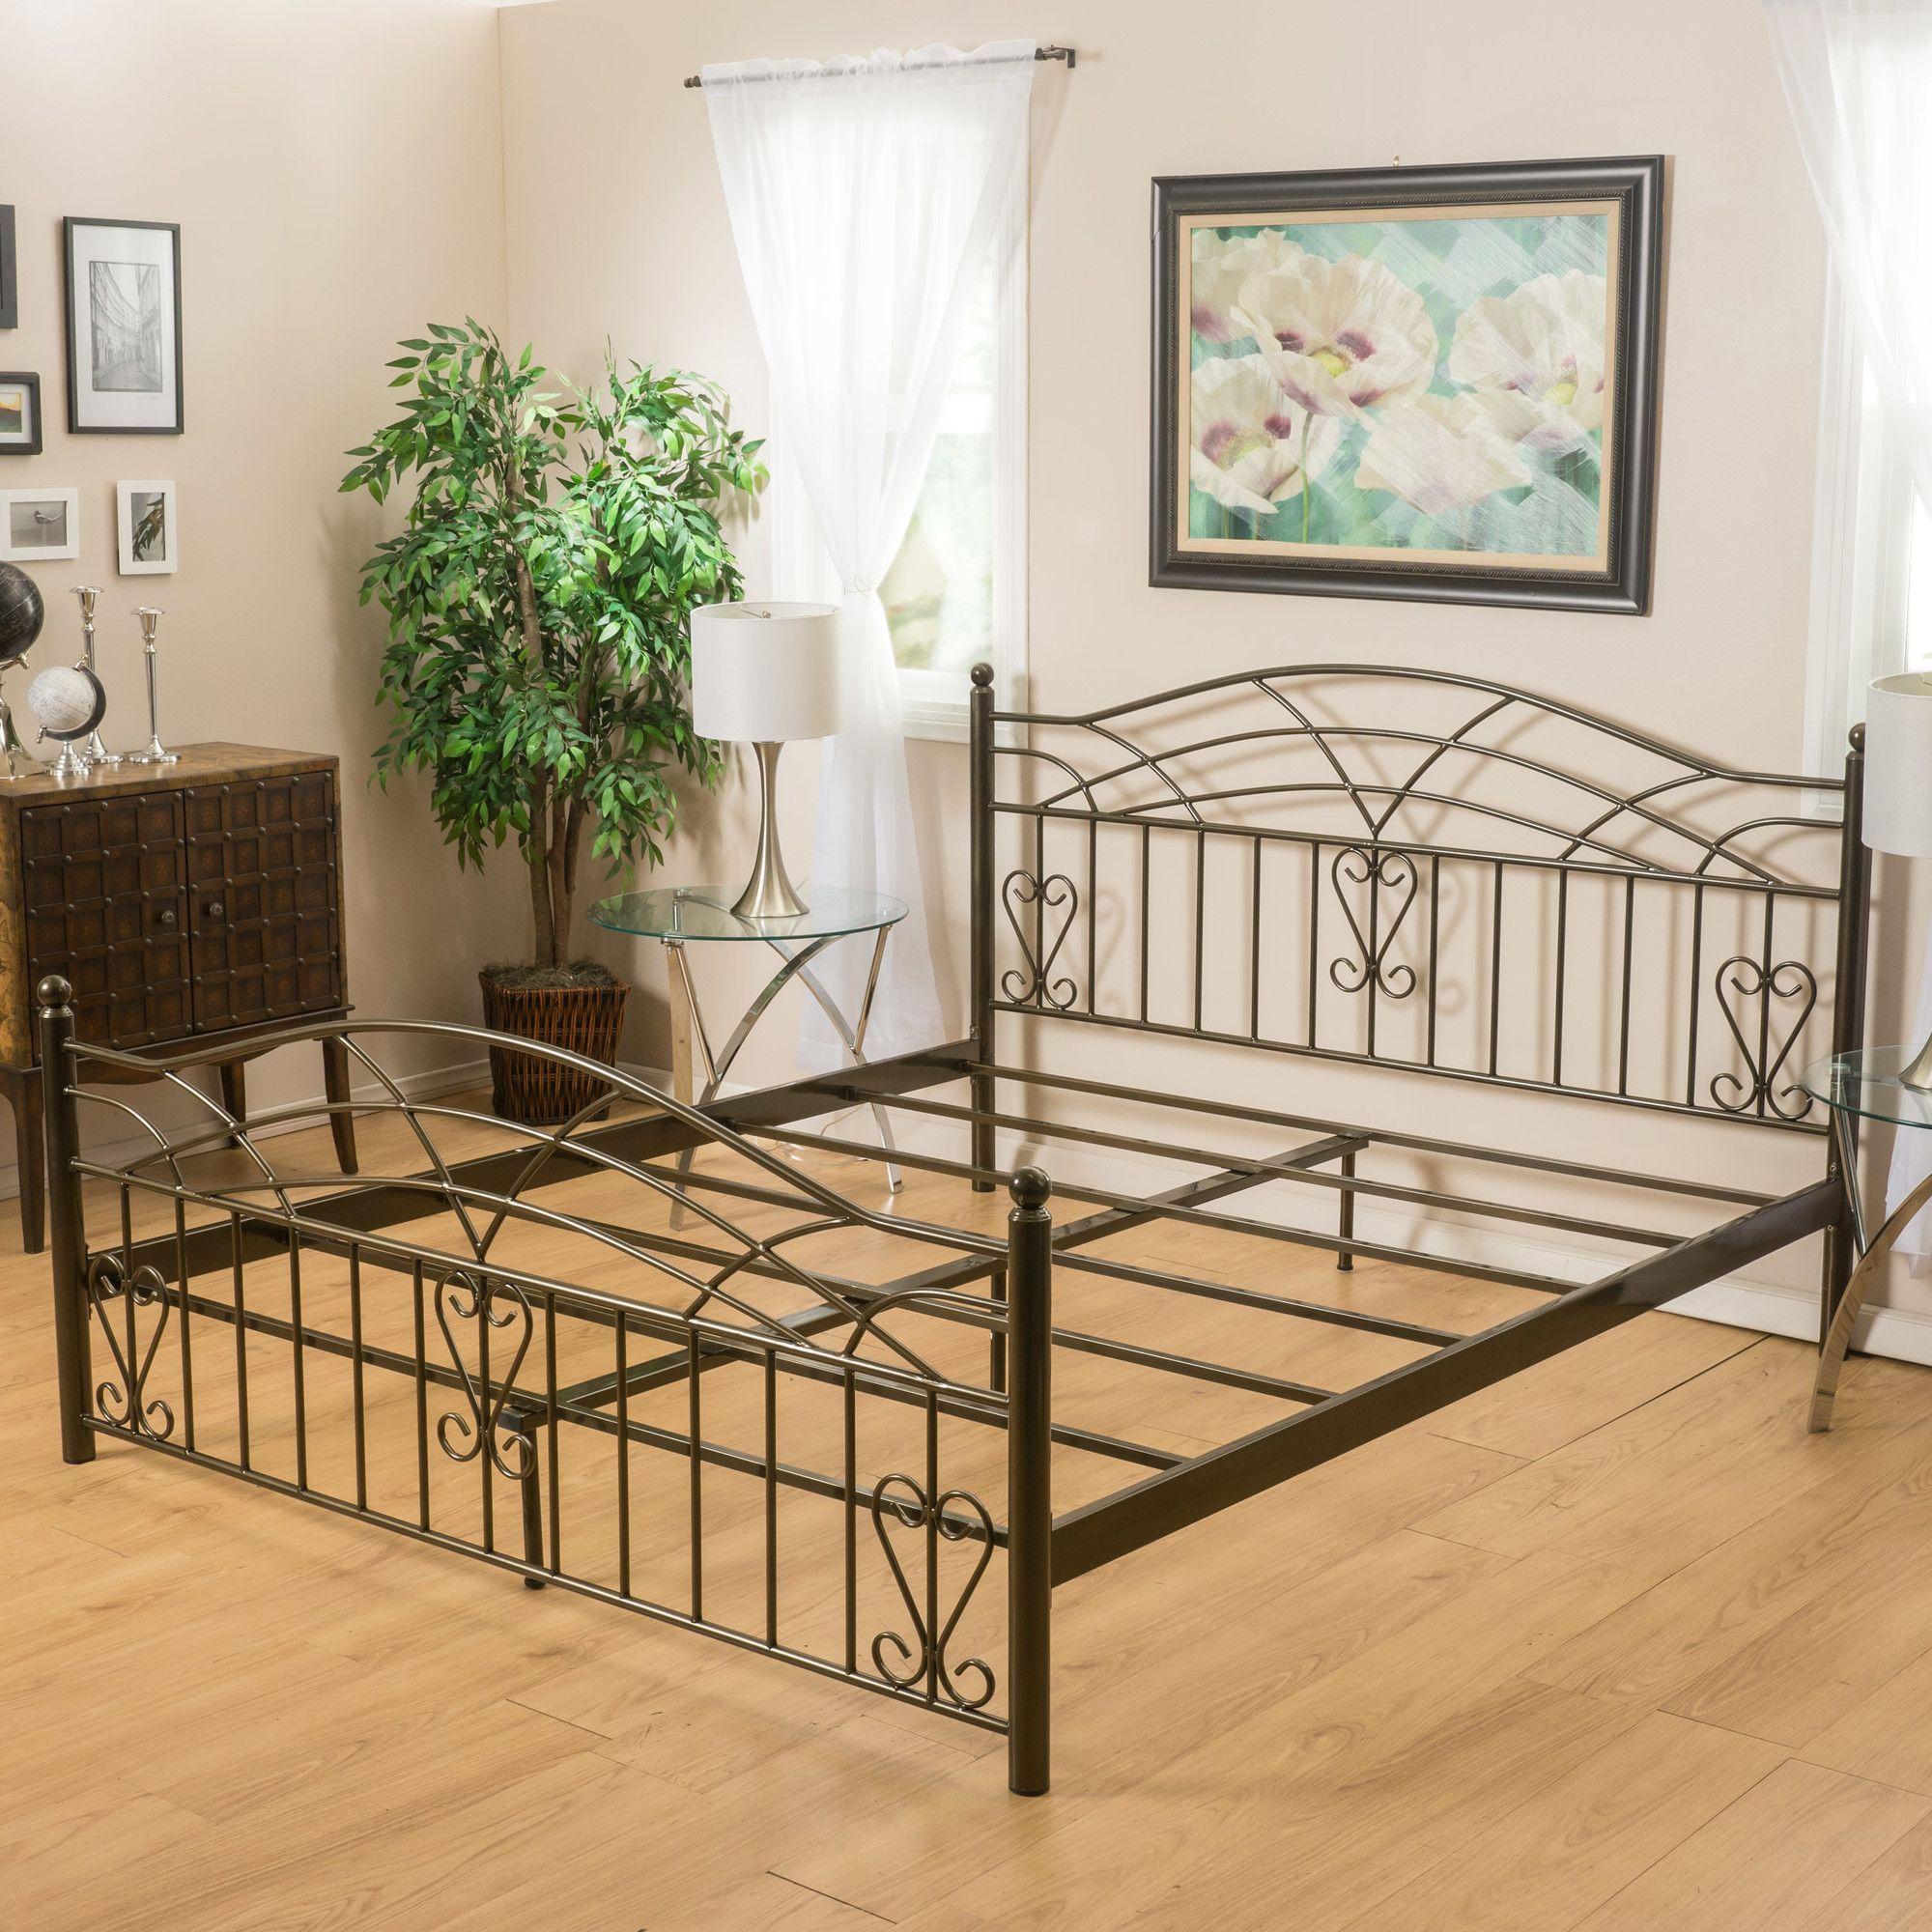 Salesville Standard Bed Bed frame, Metal beds, King bed